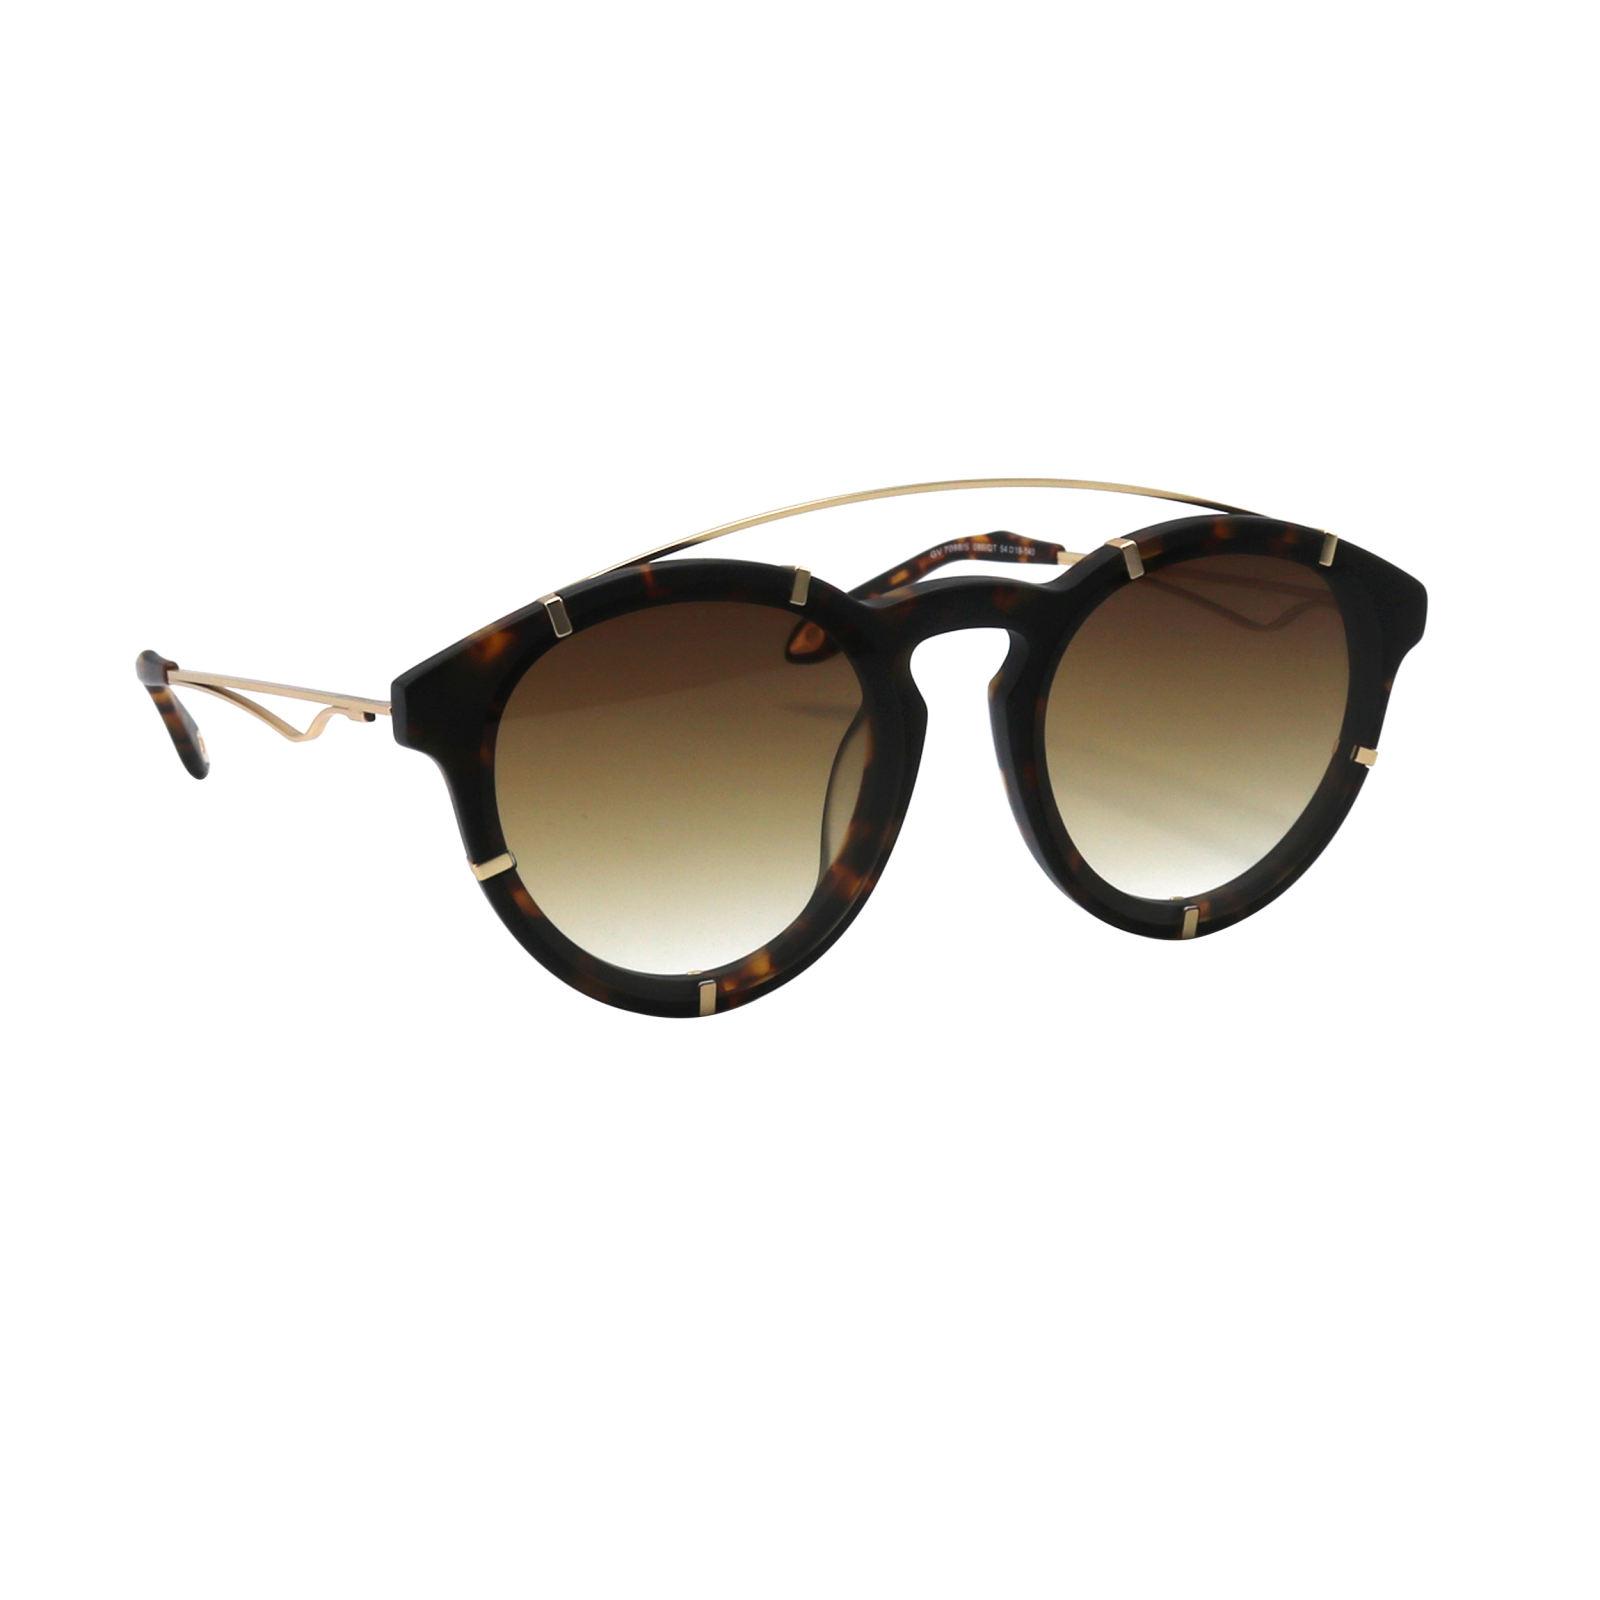 عینک آفتابی ژیوانشی مدل GV7088/S -  - 2